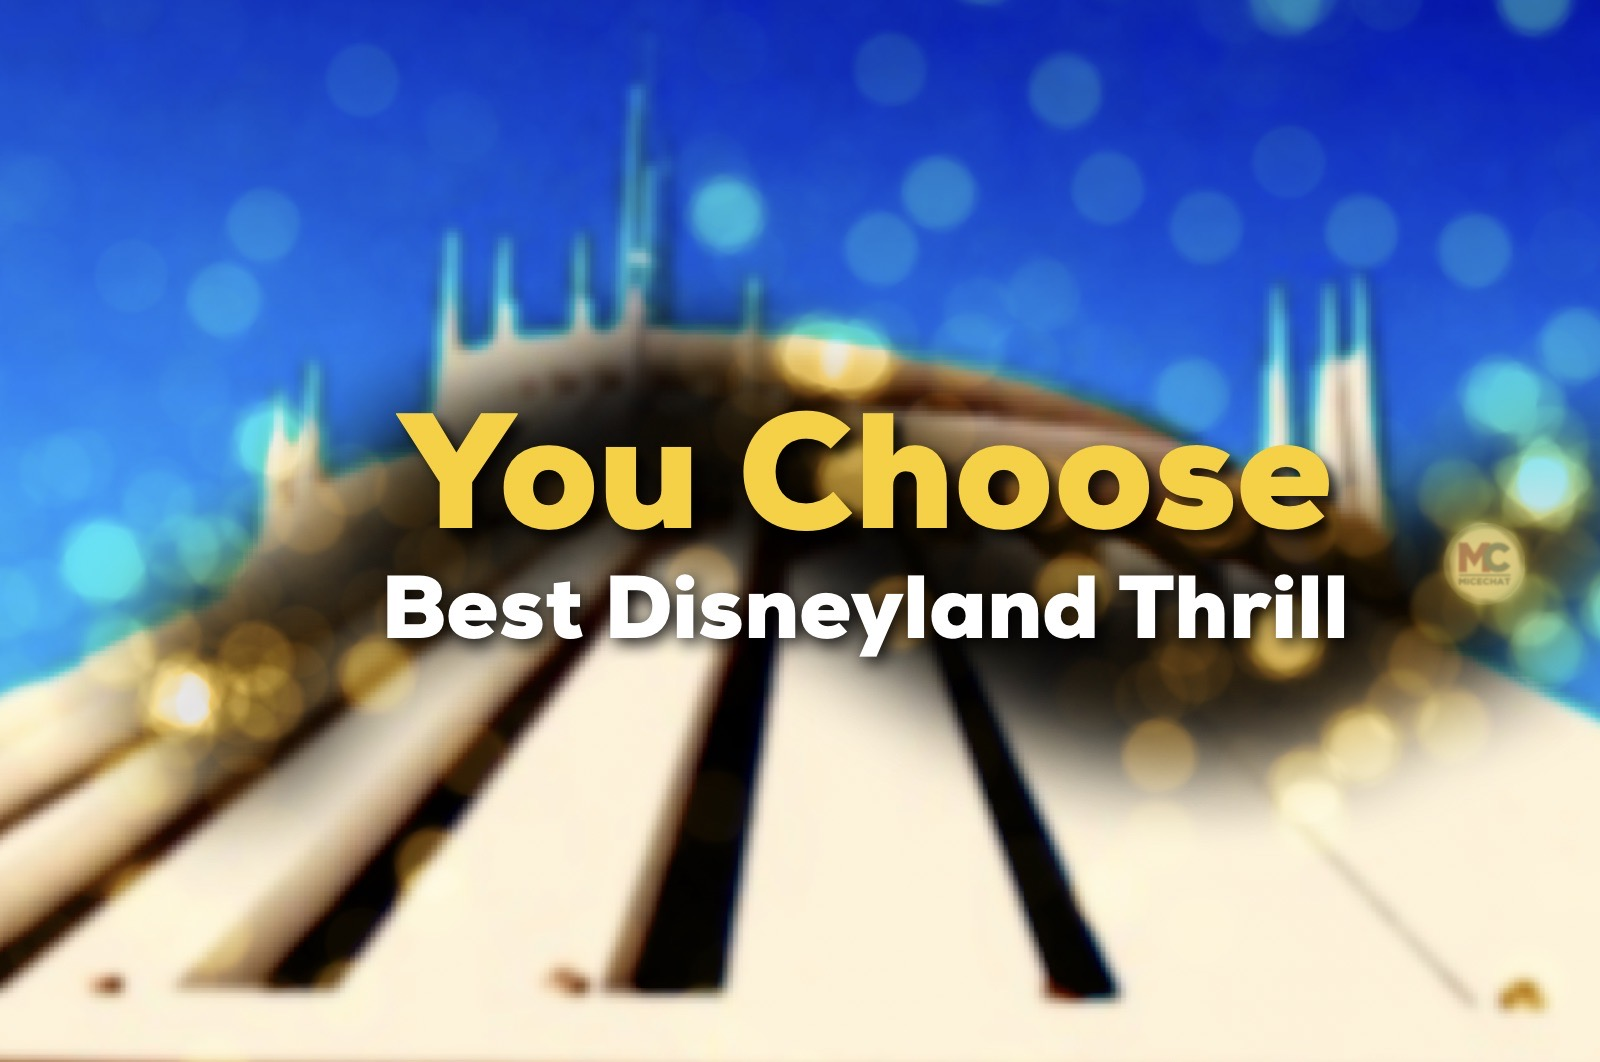 Best Disneyland Thrill Ride Revealed!